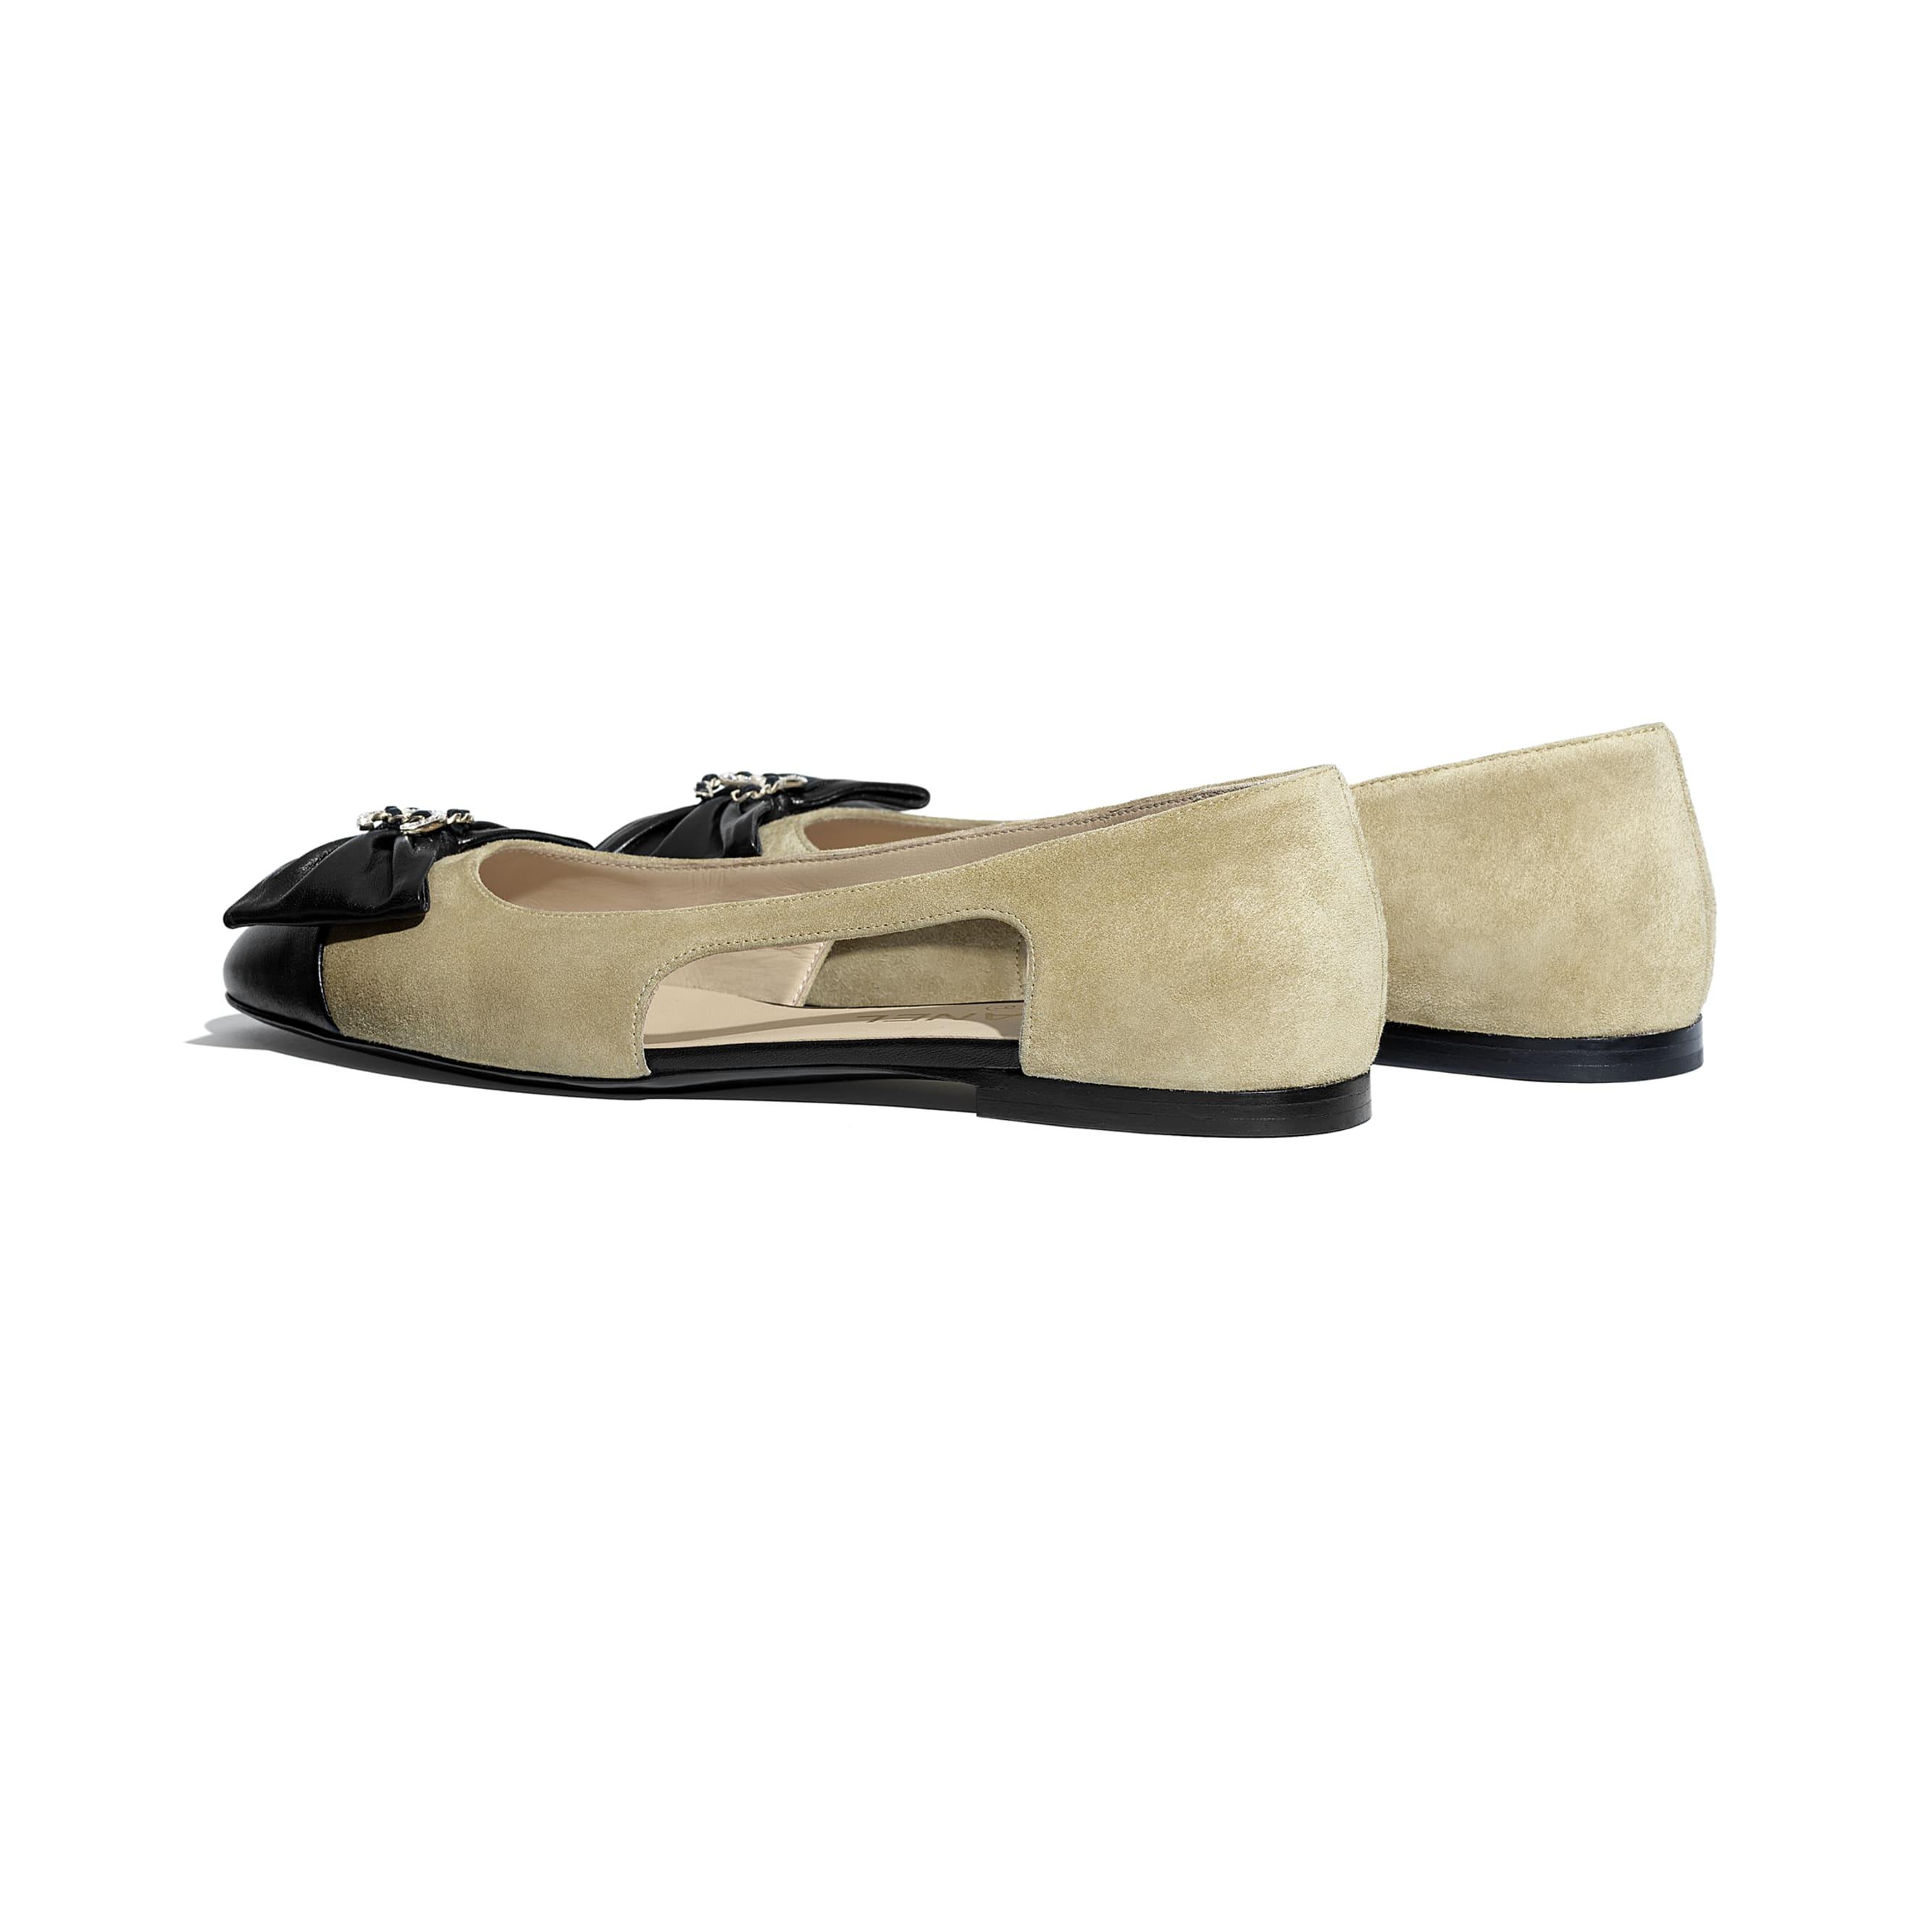 Bailarinas - Beige y negro - Piel de ternera suave y piel de cordero - CHANEL - Otra vista - ver la versión tamaño estándar